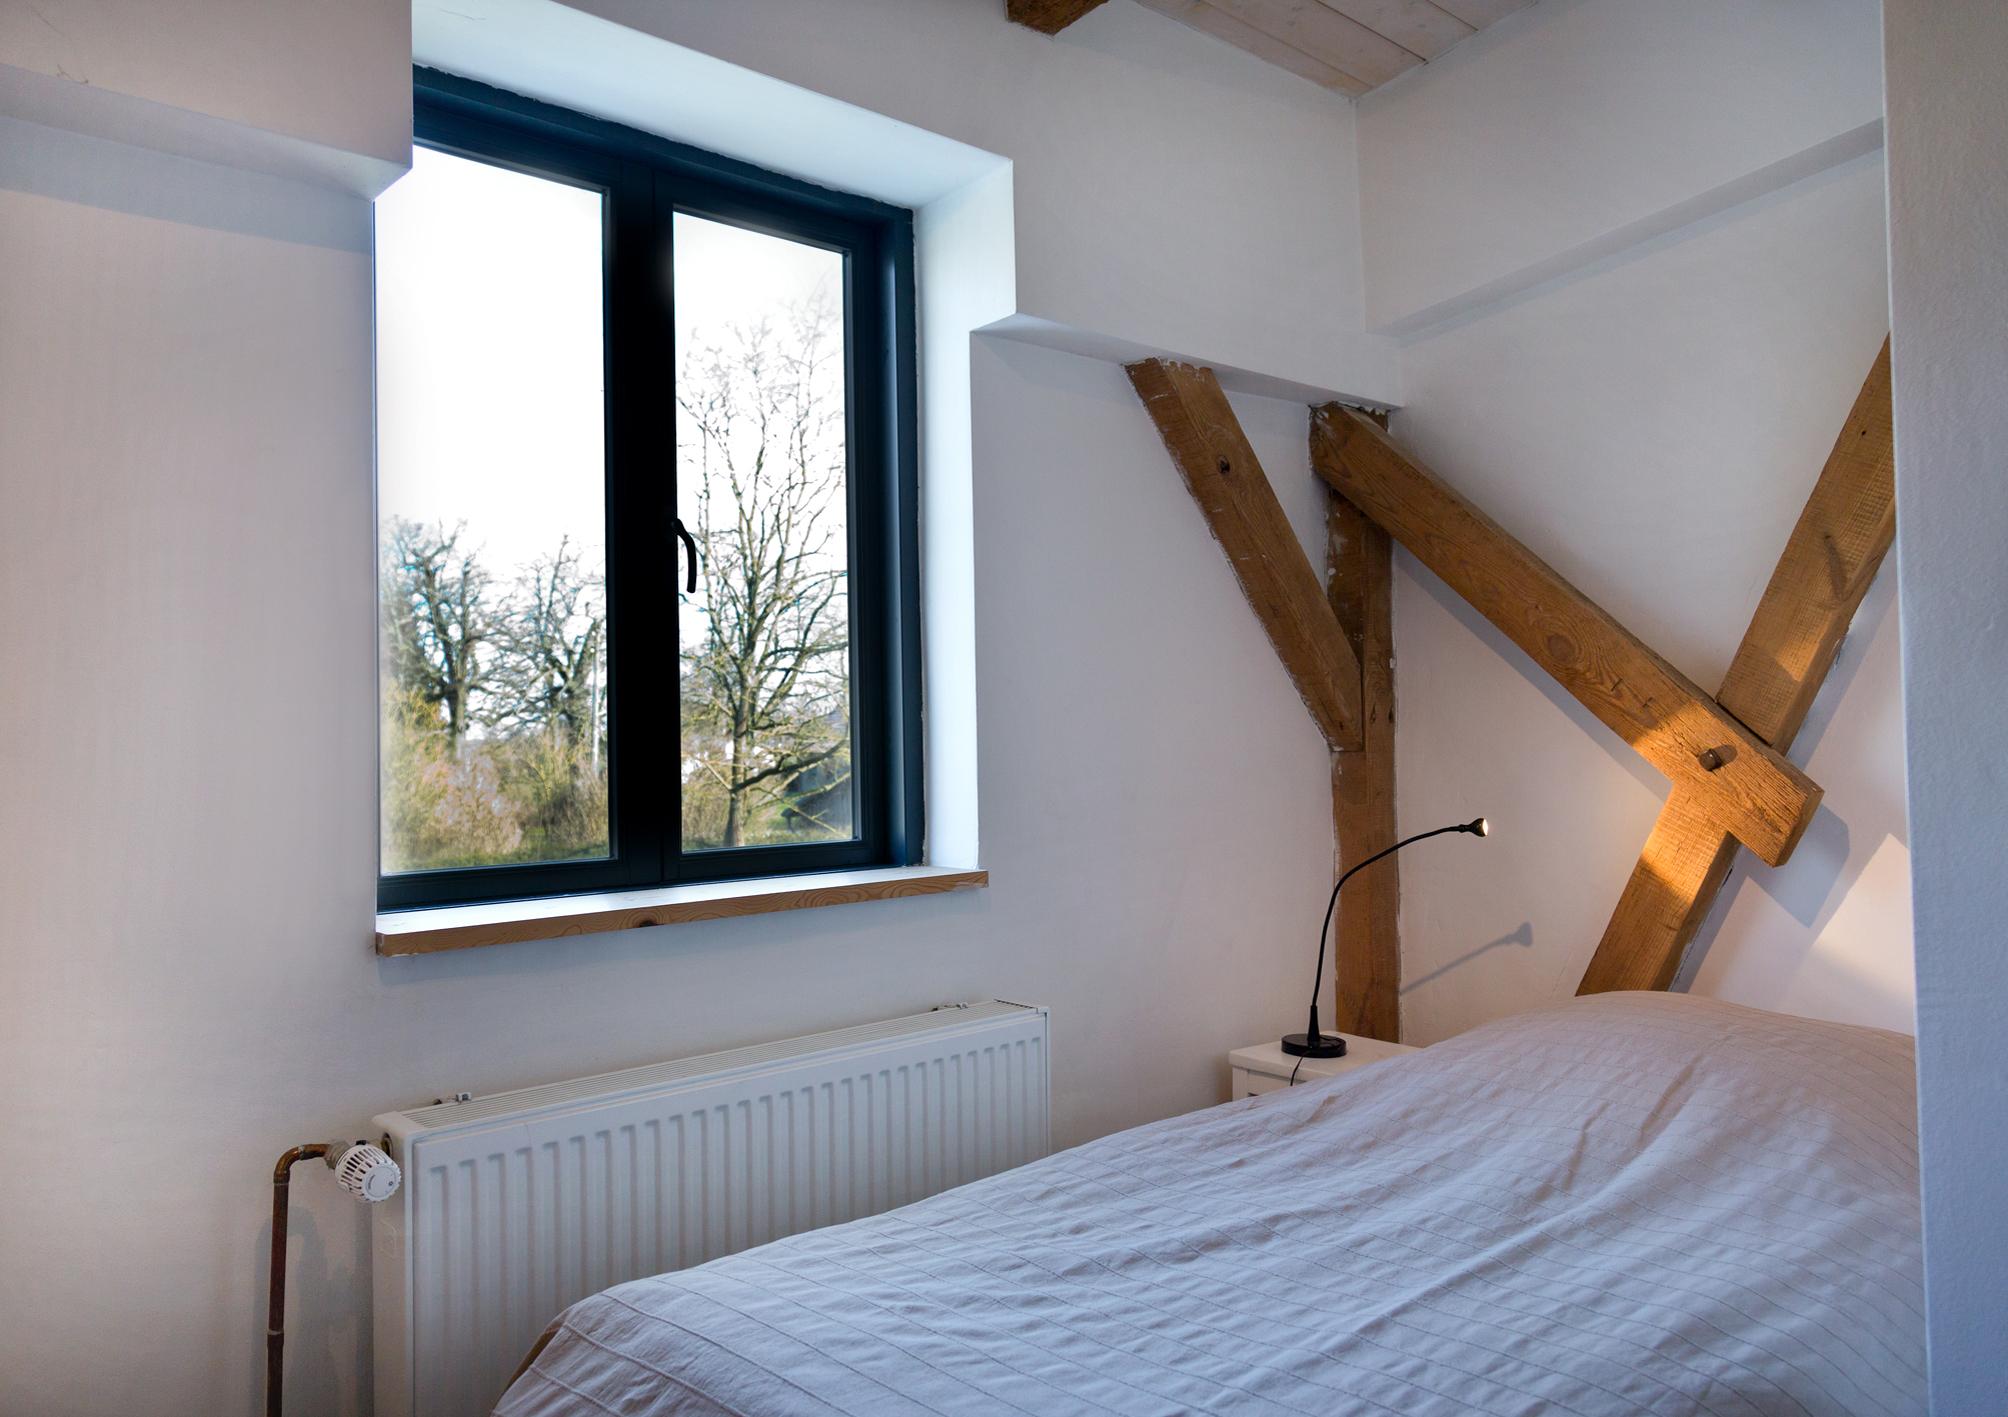 Einzelbett-Schlafzi. Bett 90 x 200